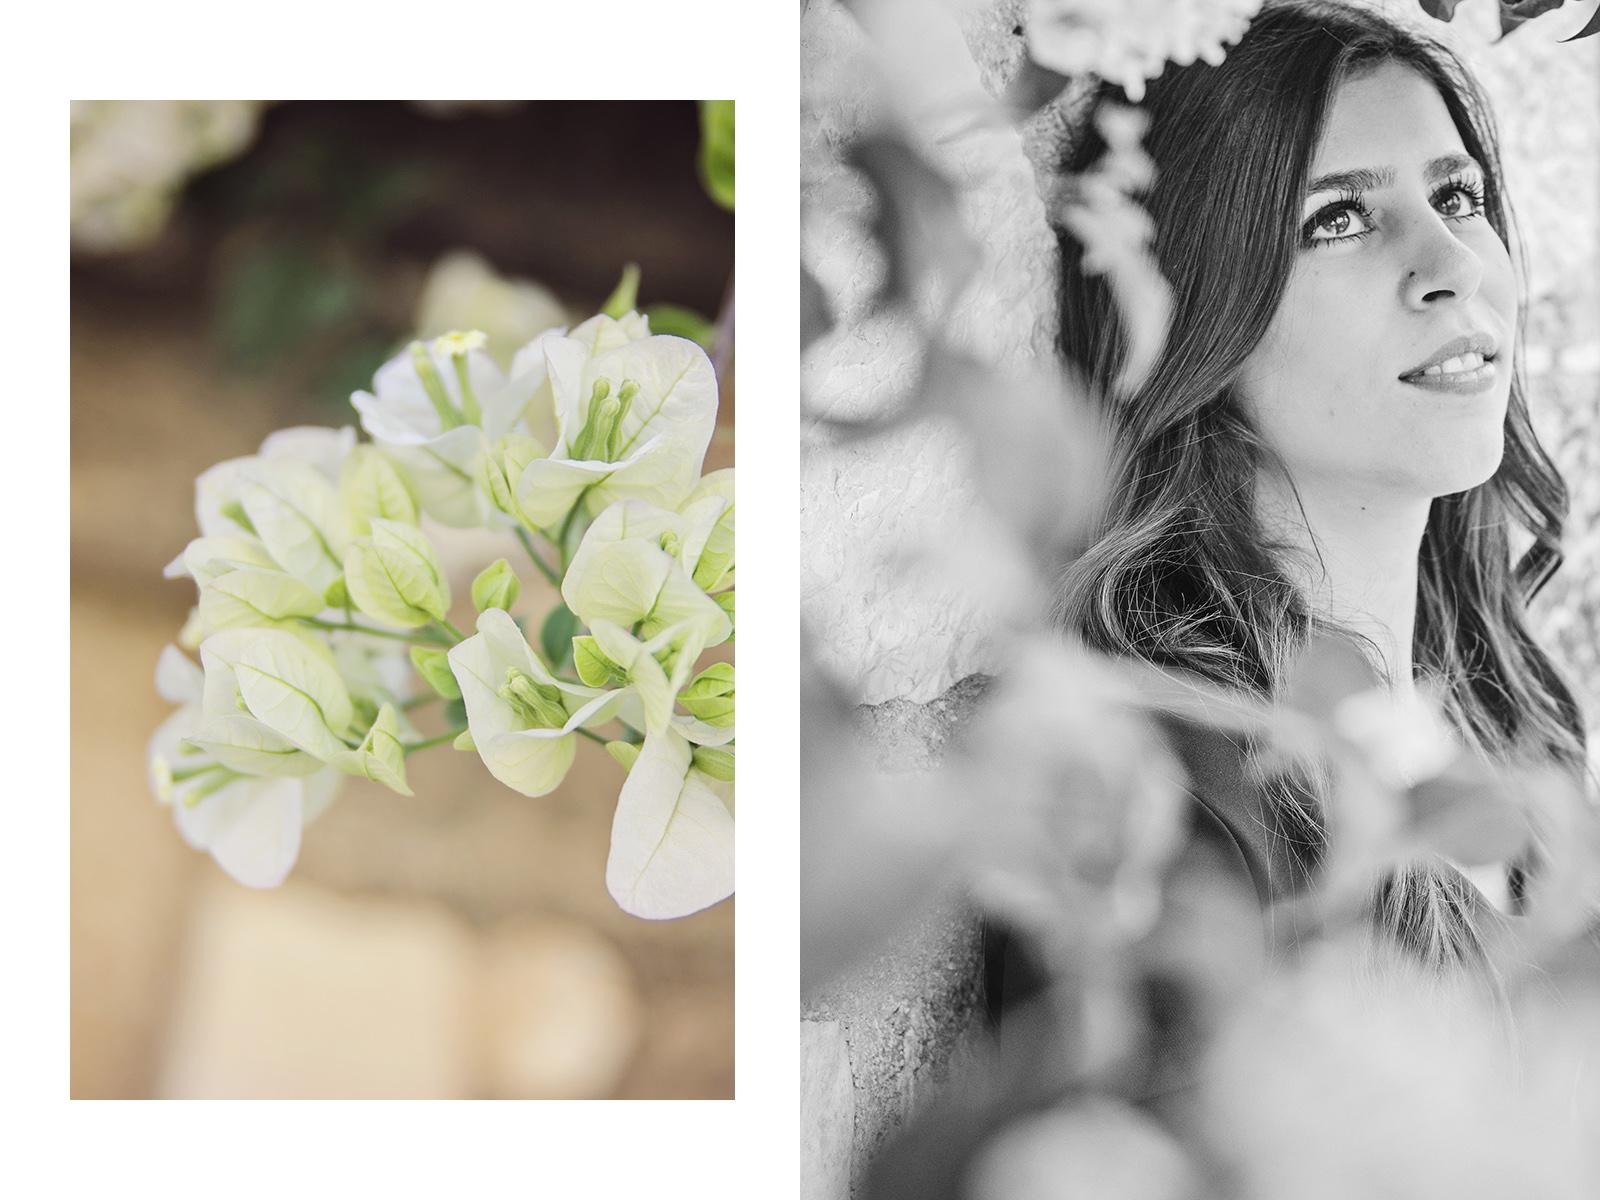 greckie kwiaty i portret